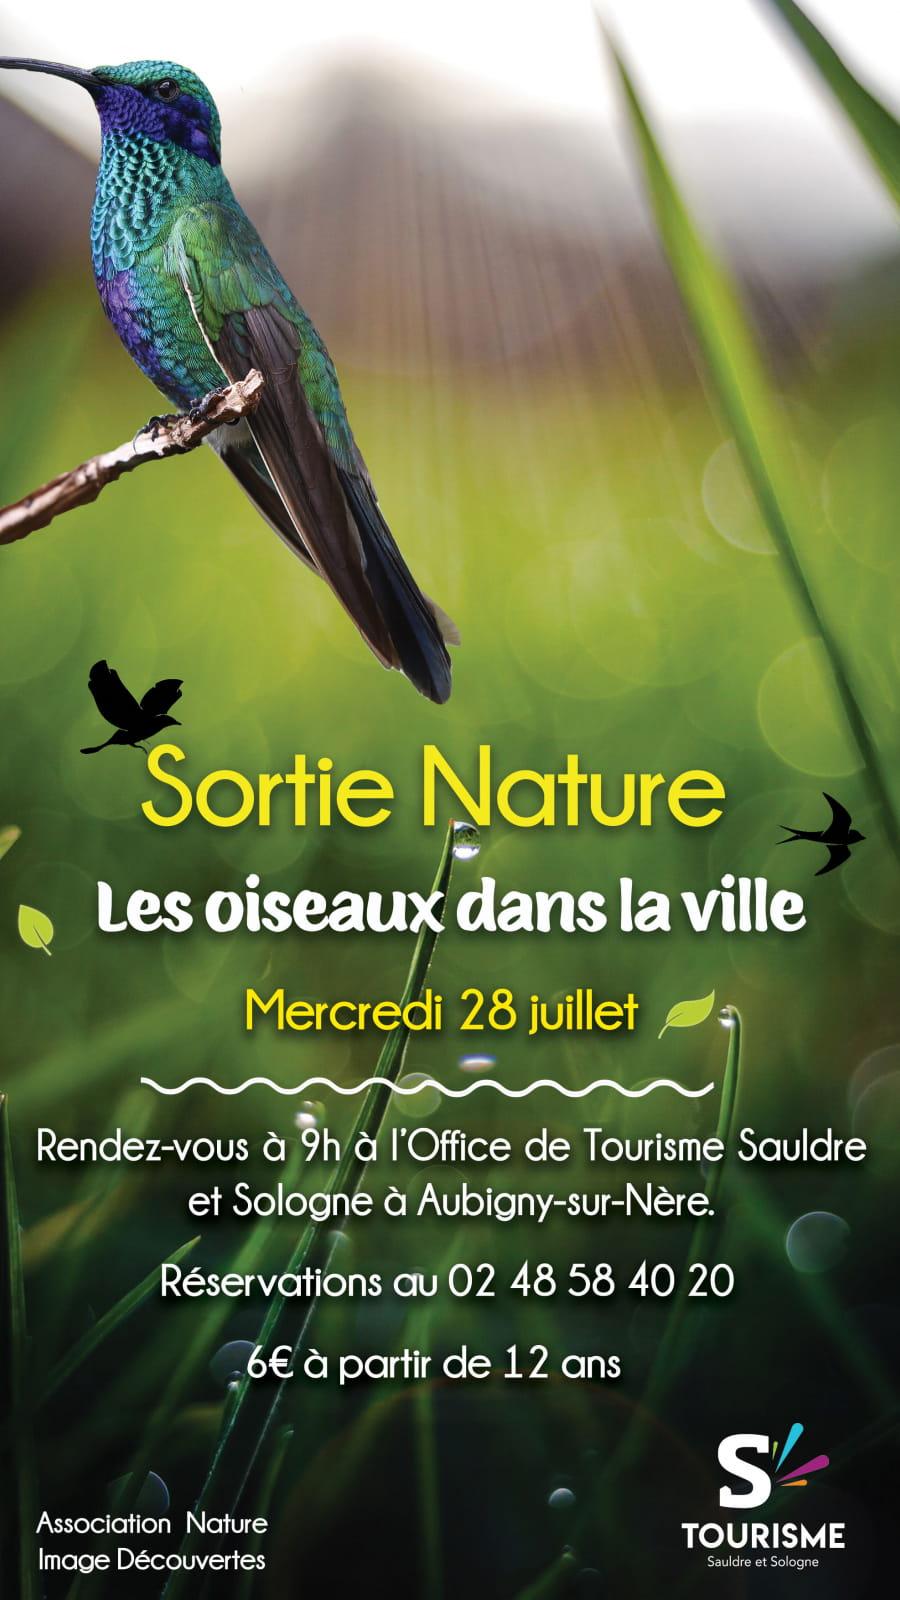 Sortie nature : Les oiseaux dans la ville